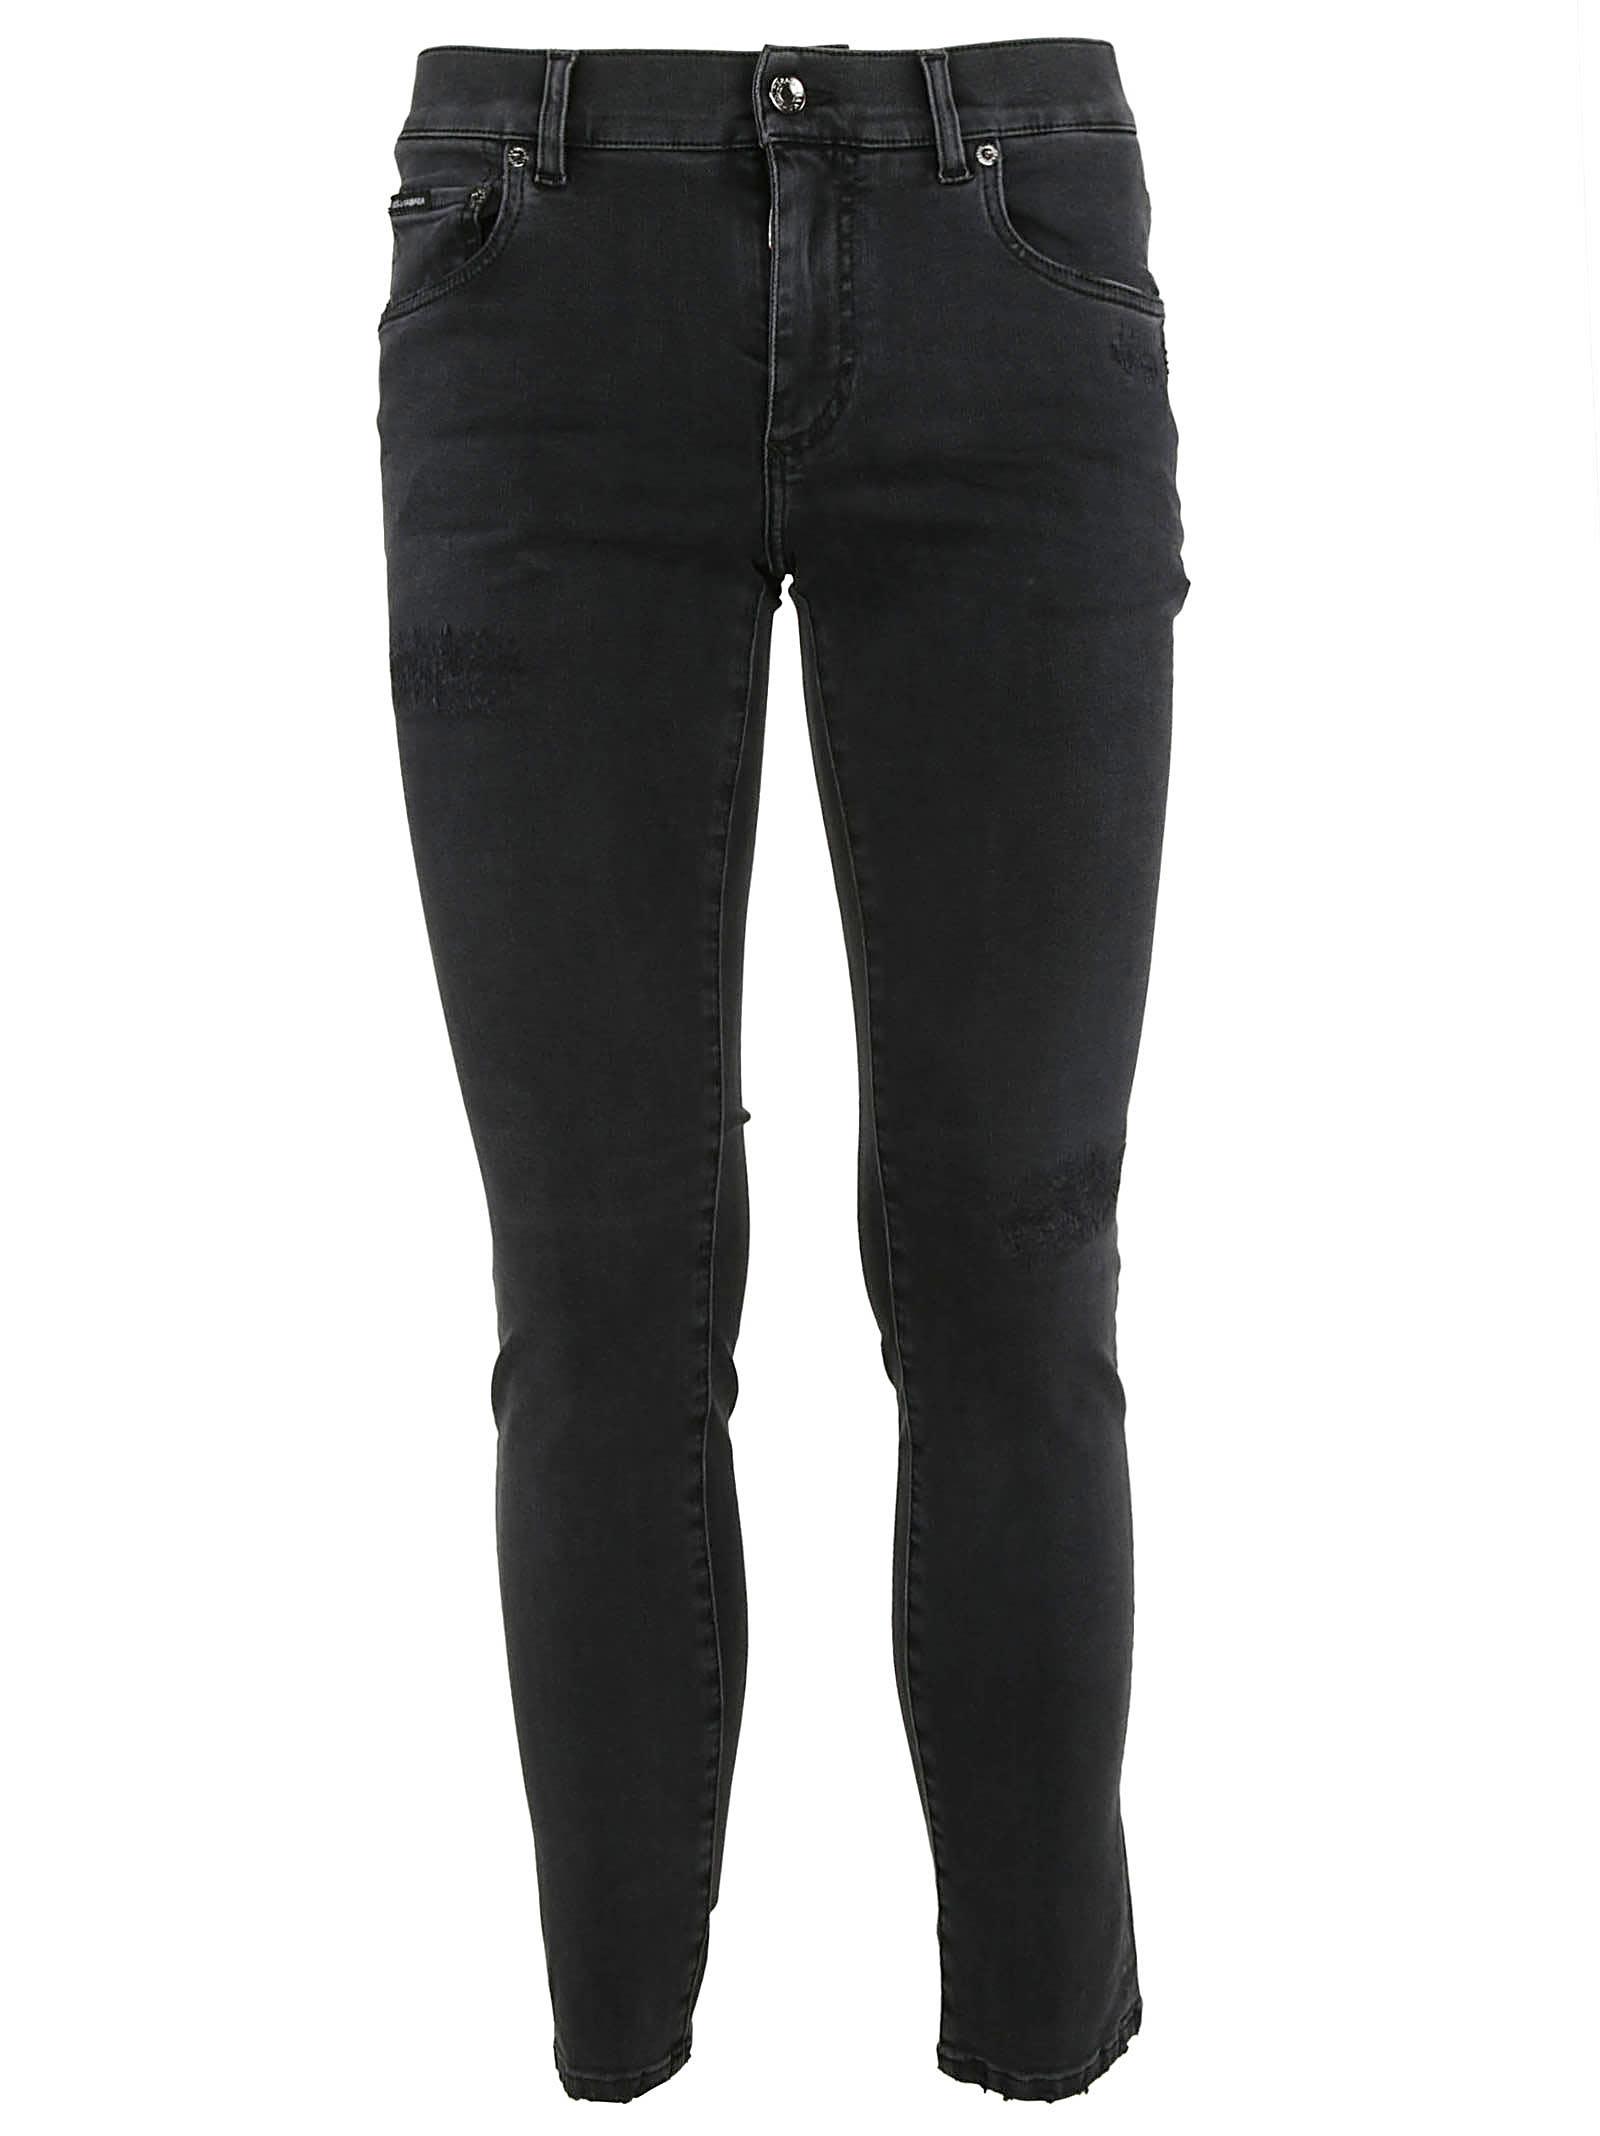 Dolce & Gabbana Pants Dolce & Gabbana Trousers